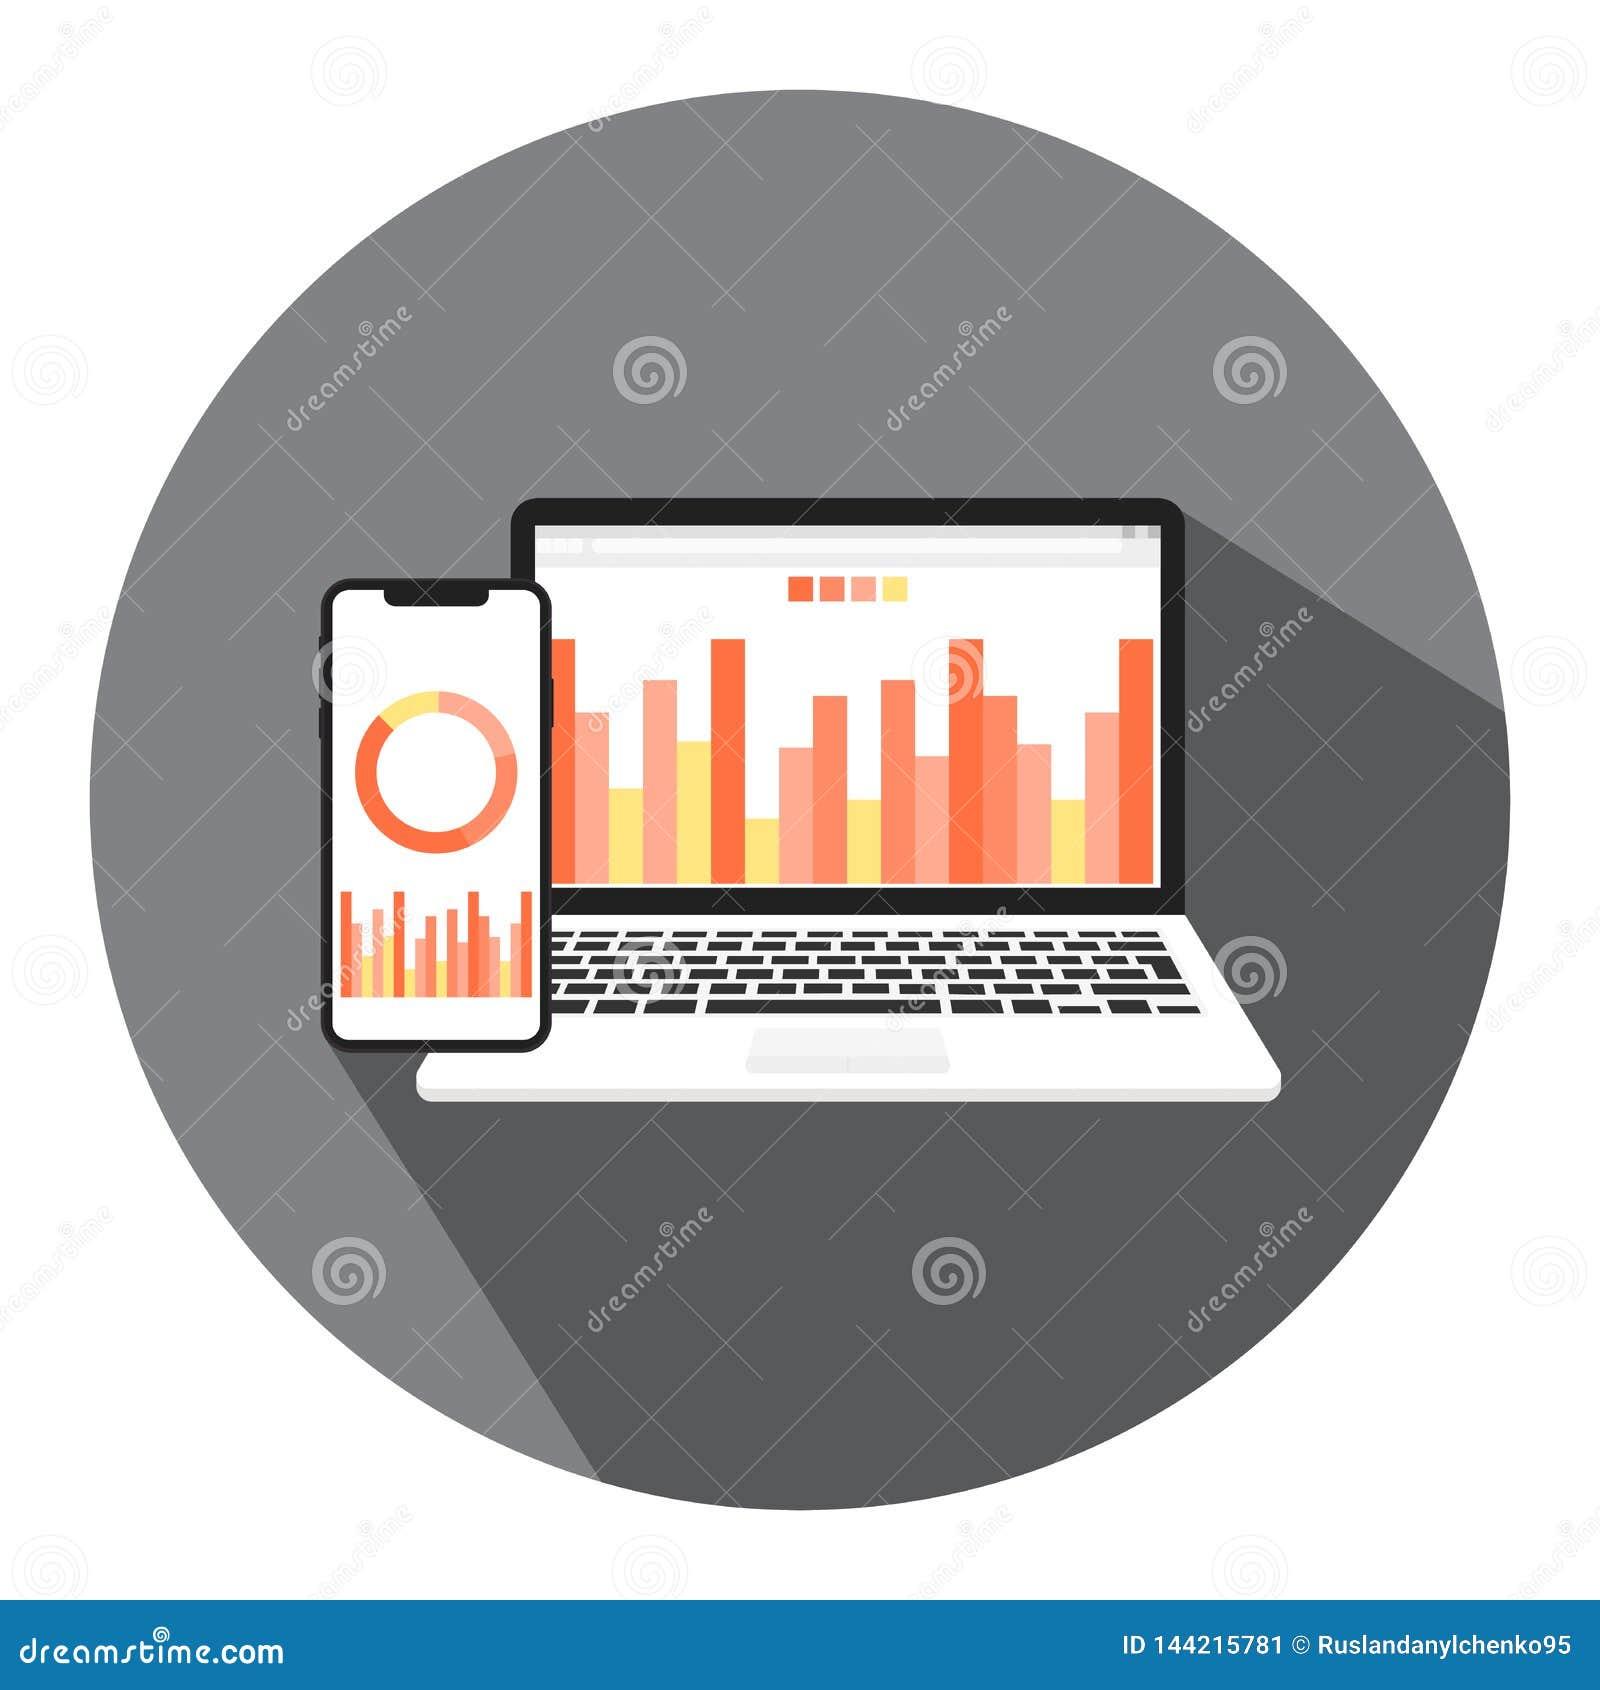 Vektorillustrationer av online-affären, den finansiella affären och pengarrapporten med begreppet av online-ledning av finansiell